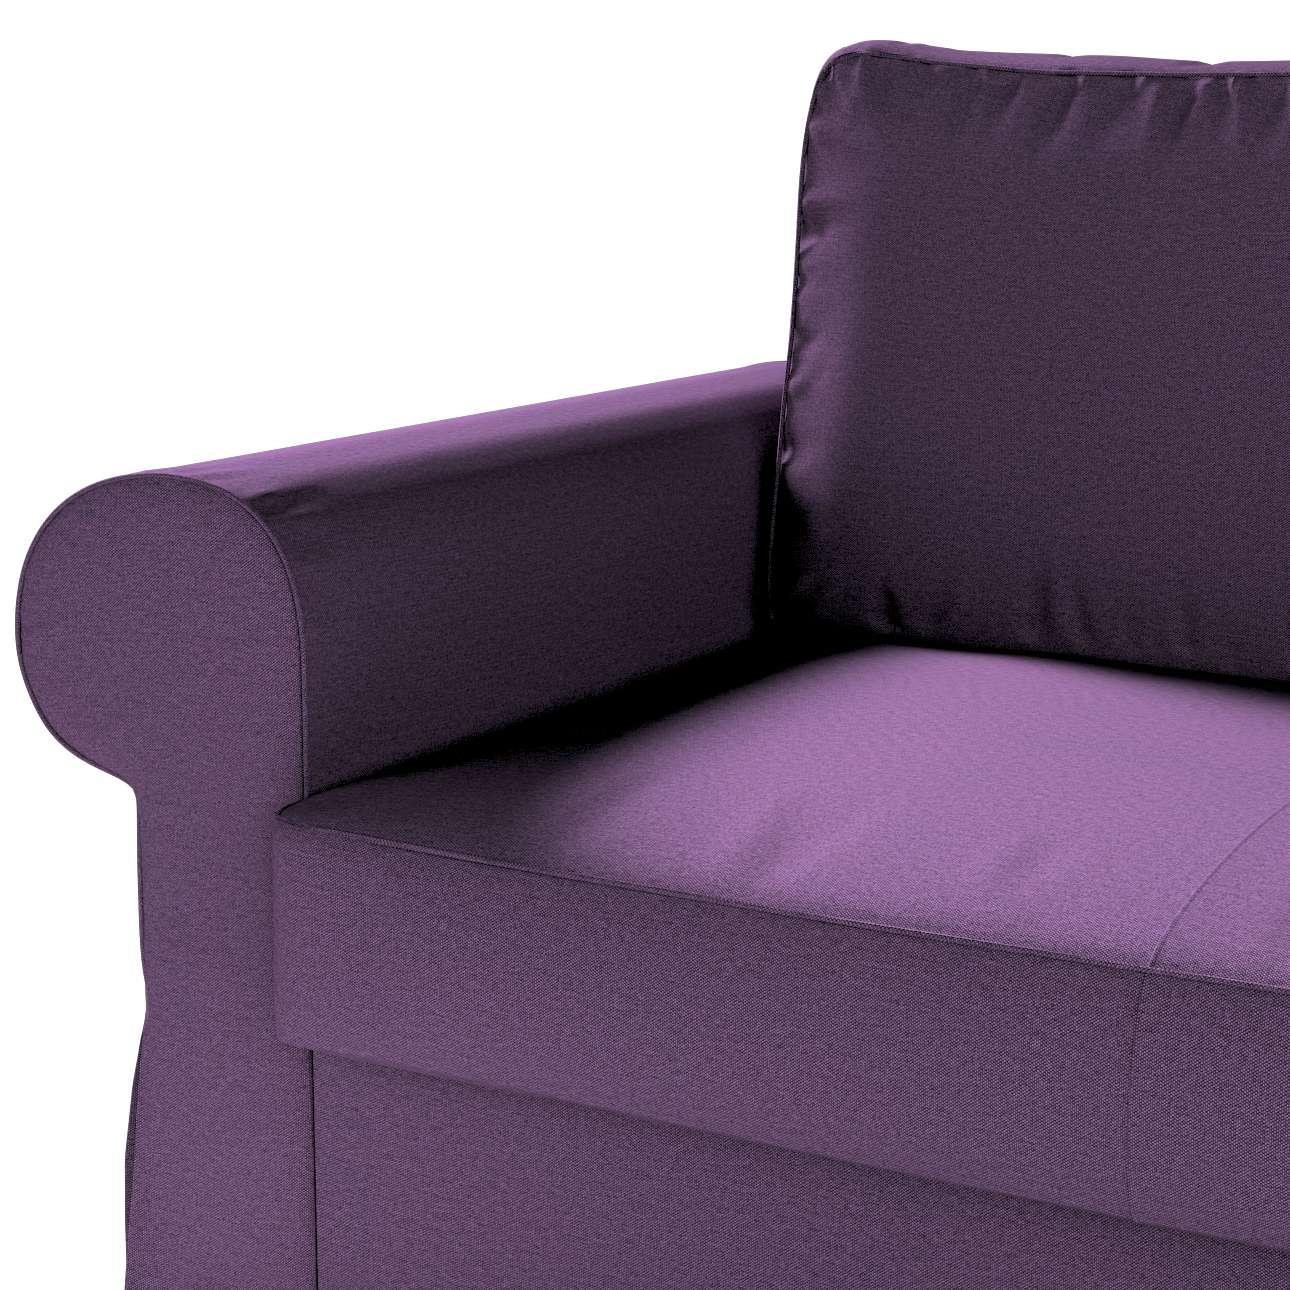 Bezug für Backabro 2-Sitzer Sofa ausklappbar von der Kollektion Etna, Stoff: 161-27